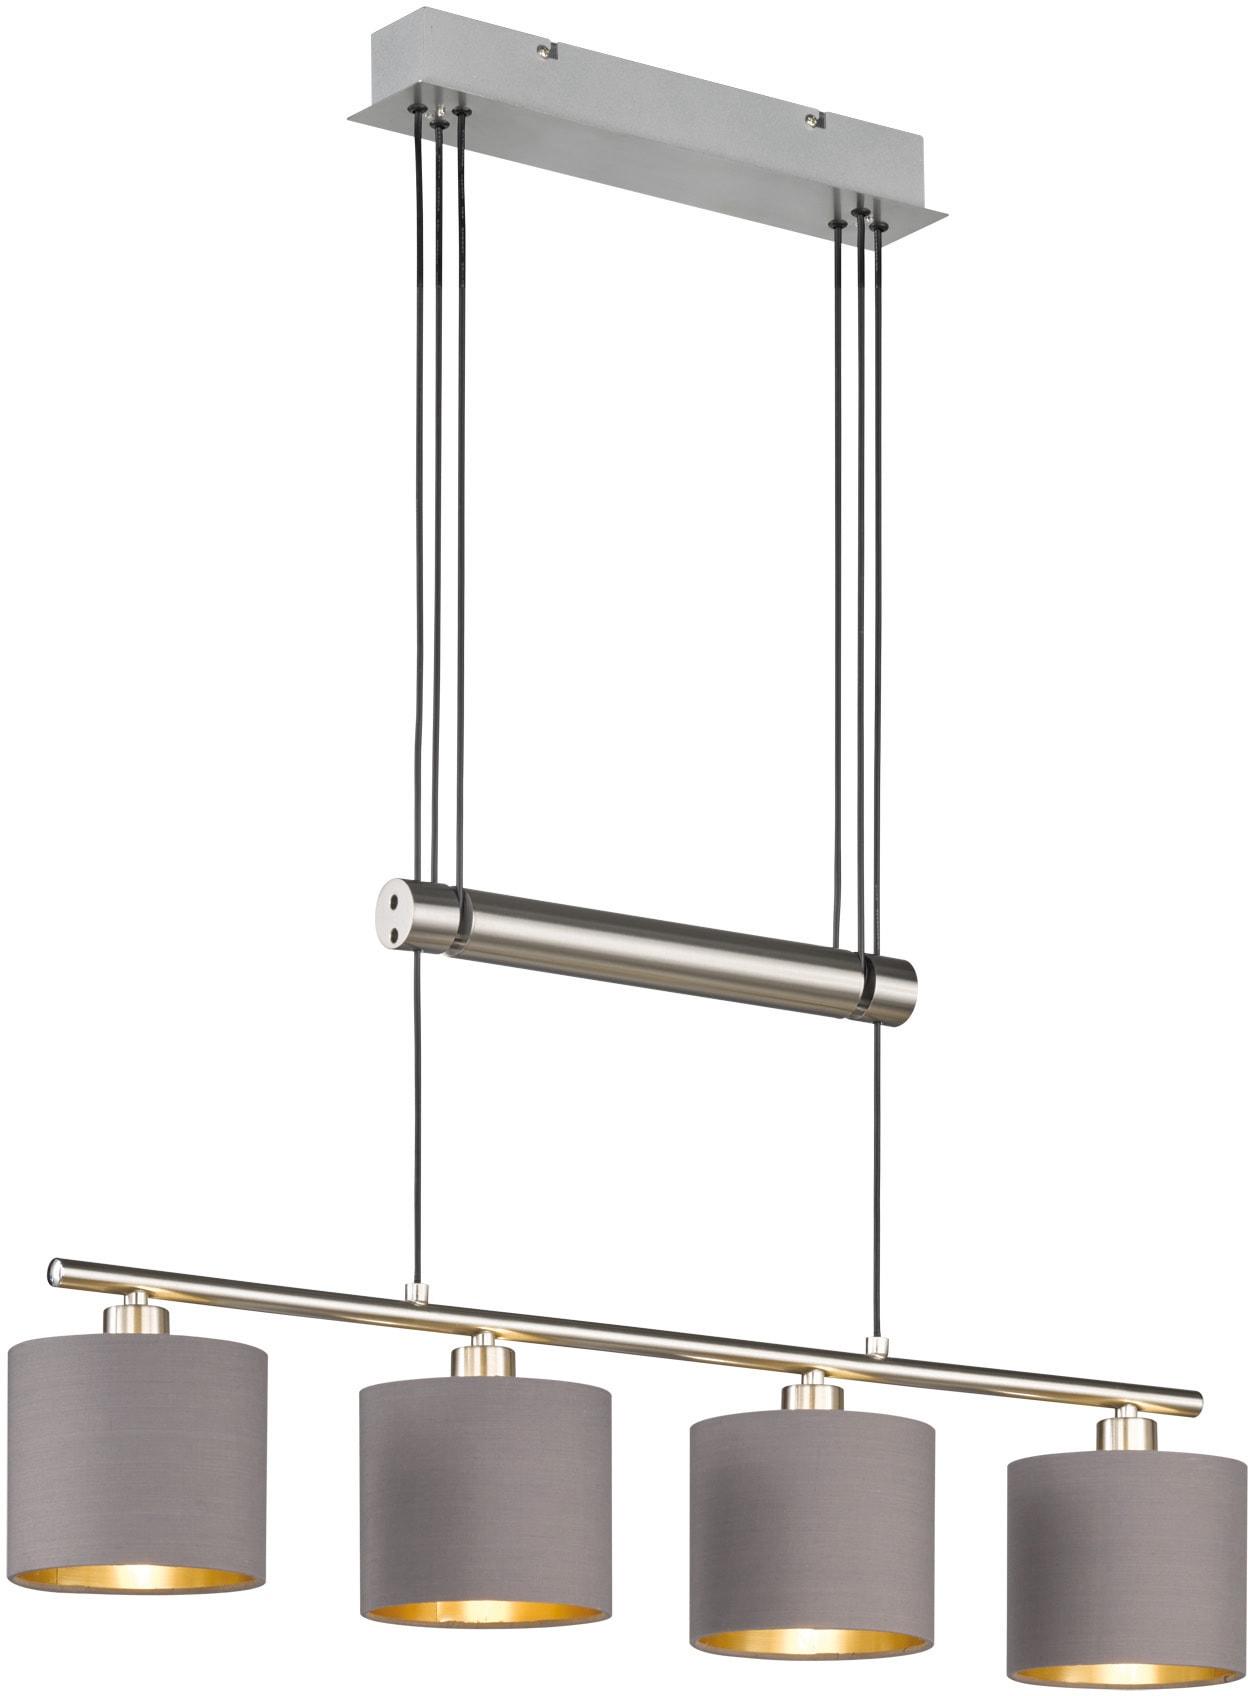 TRIO Leuchten Pendelleuchte GARDA, E14, Hängeleuchte, höhenverstellbar